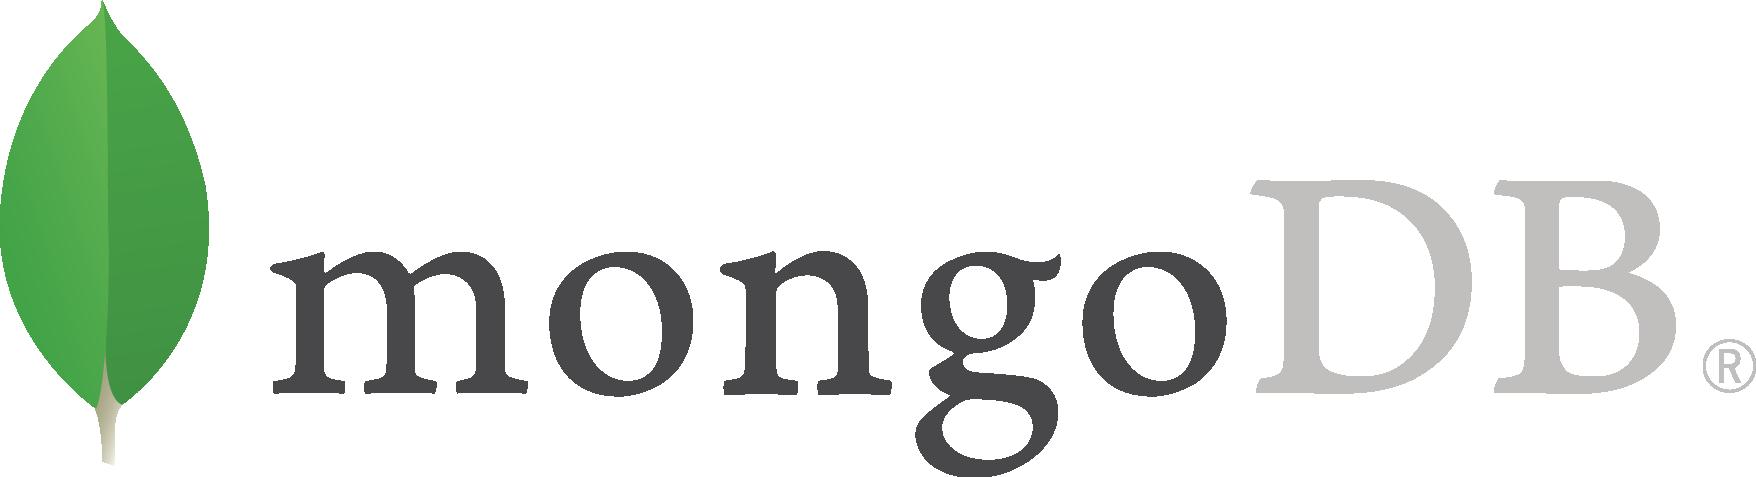 Hướng dẫn MongoDB - Code ví dụ Java + MongoDB.